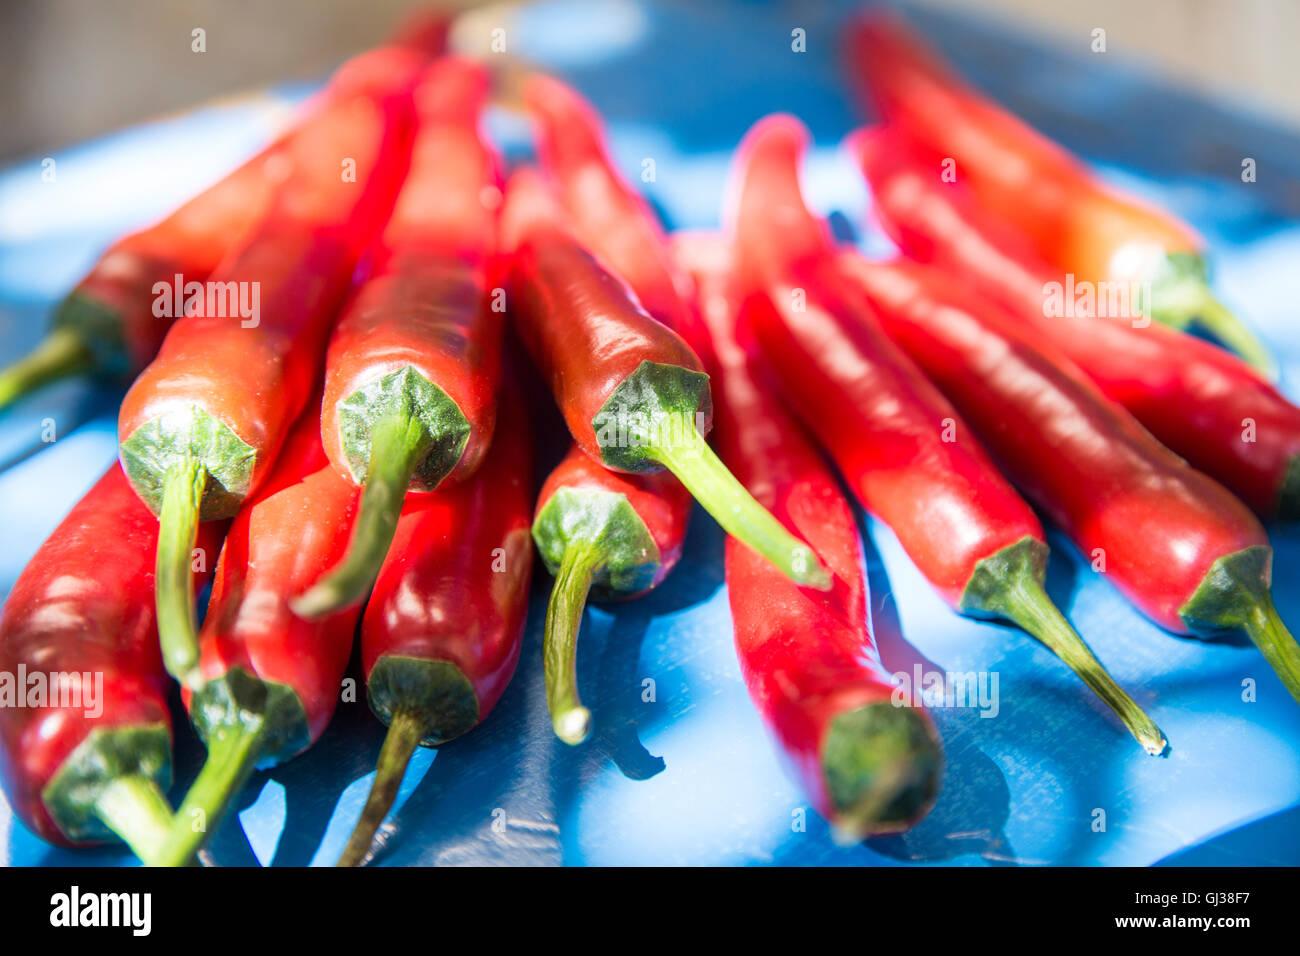 Medie del gruppo di peperoncino rosso fresco Immagini Stock